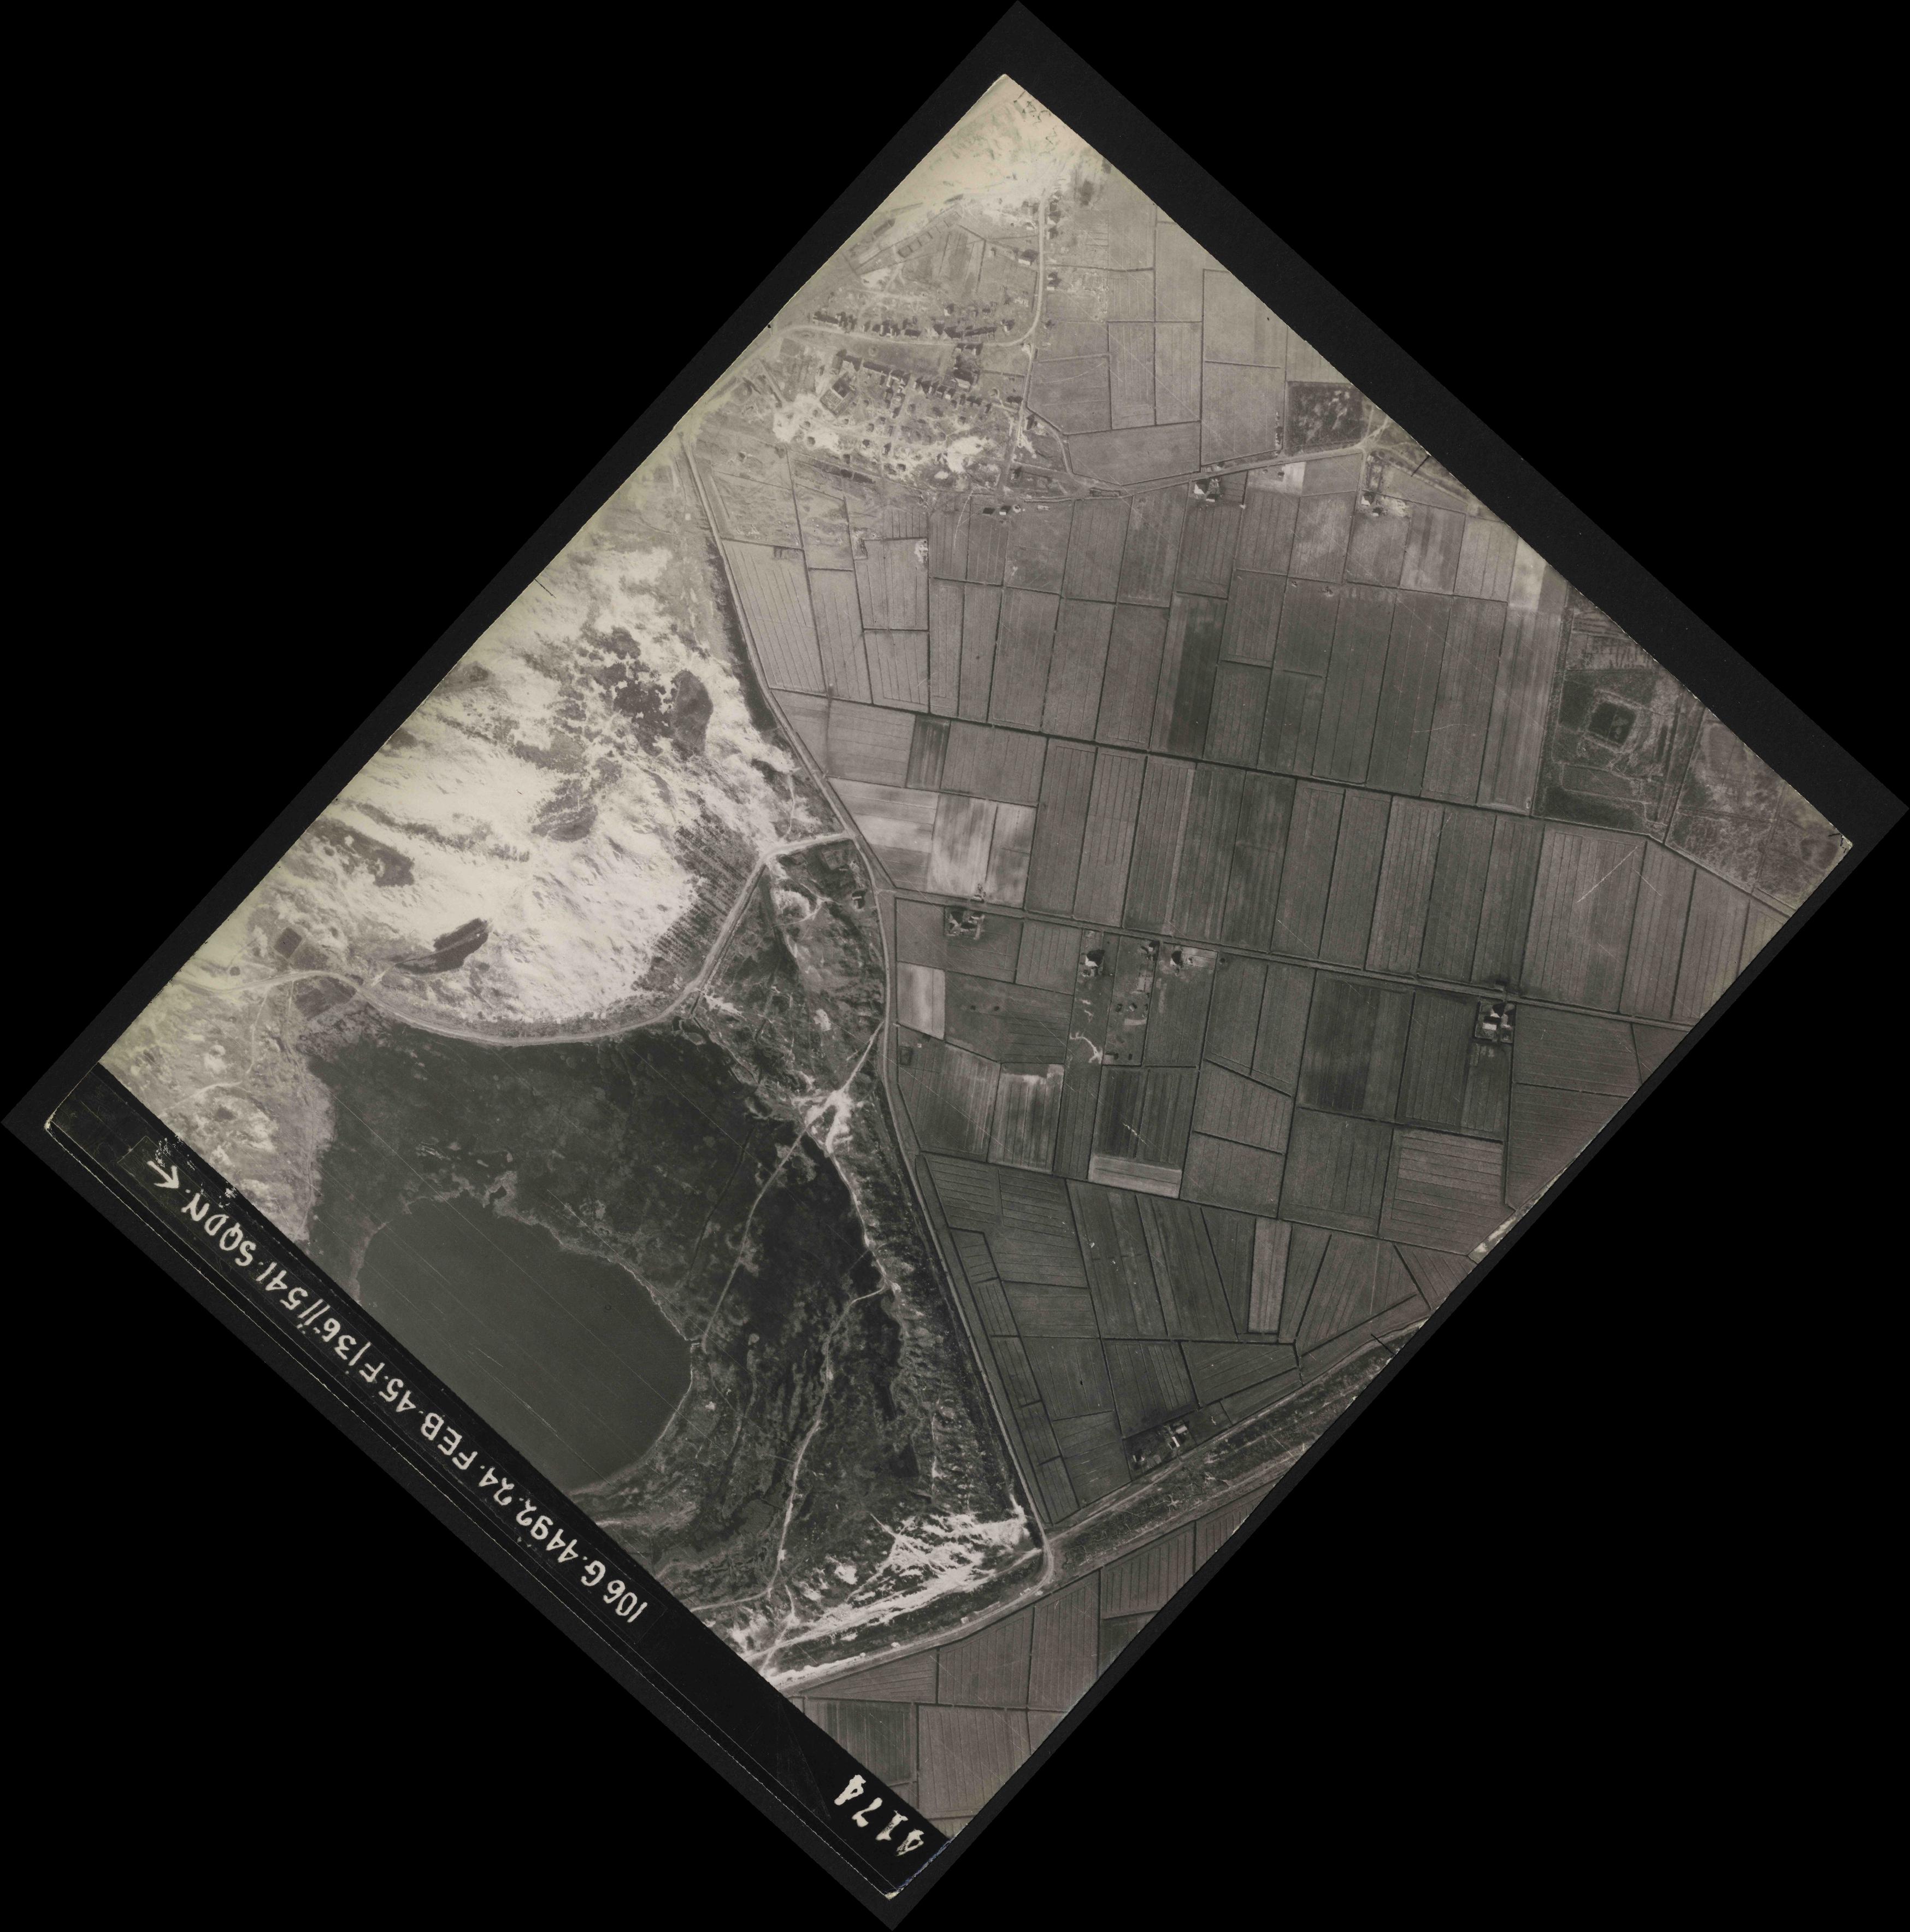 Collection RAF aerial photos 1940-1945 - flight 112, run 14, photo 4174